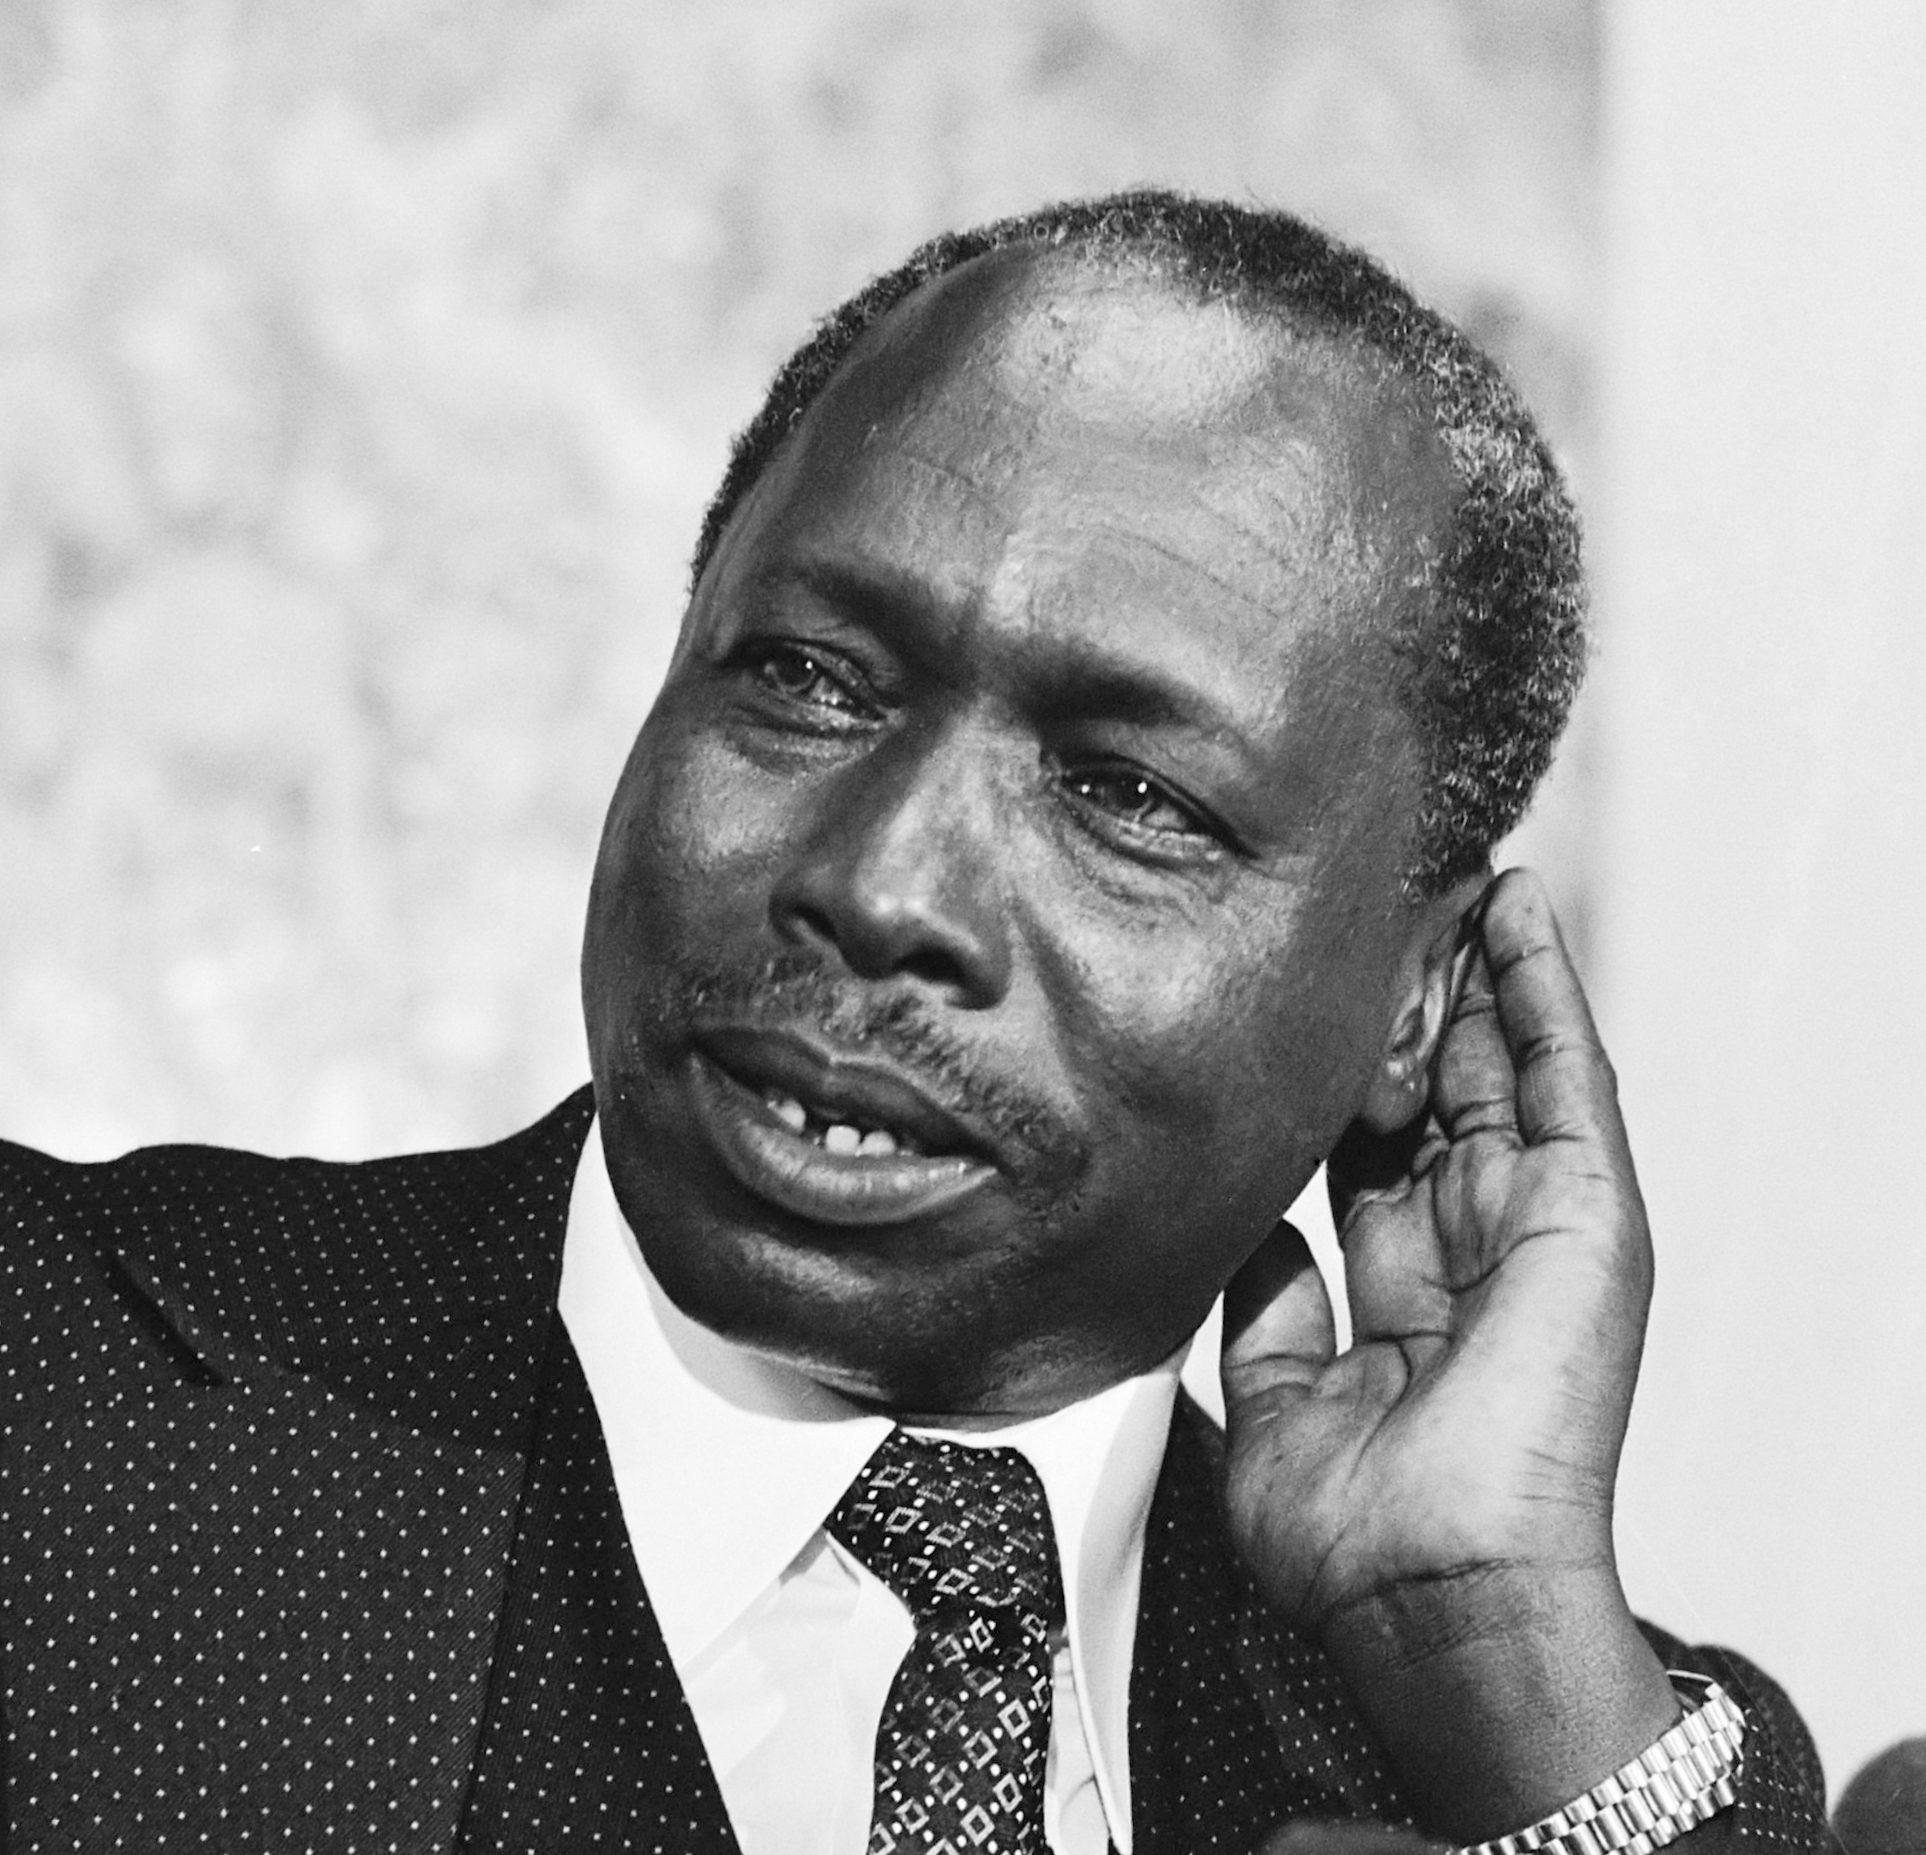 Kenia Nimmt Abschied Von Seinem Ex-Präsidenten